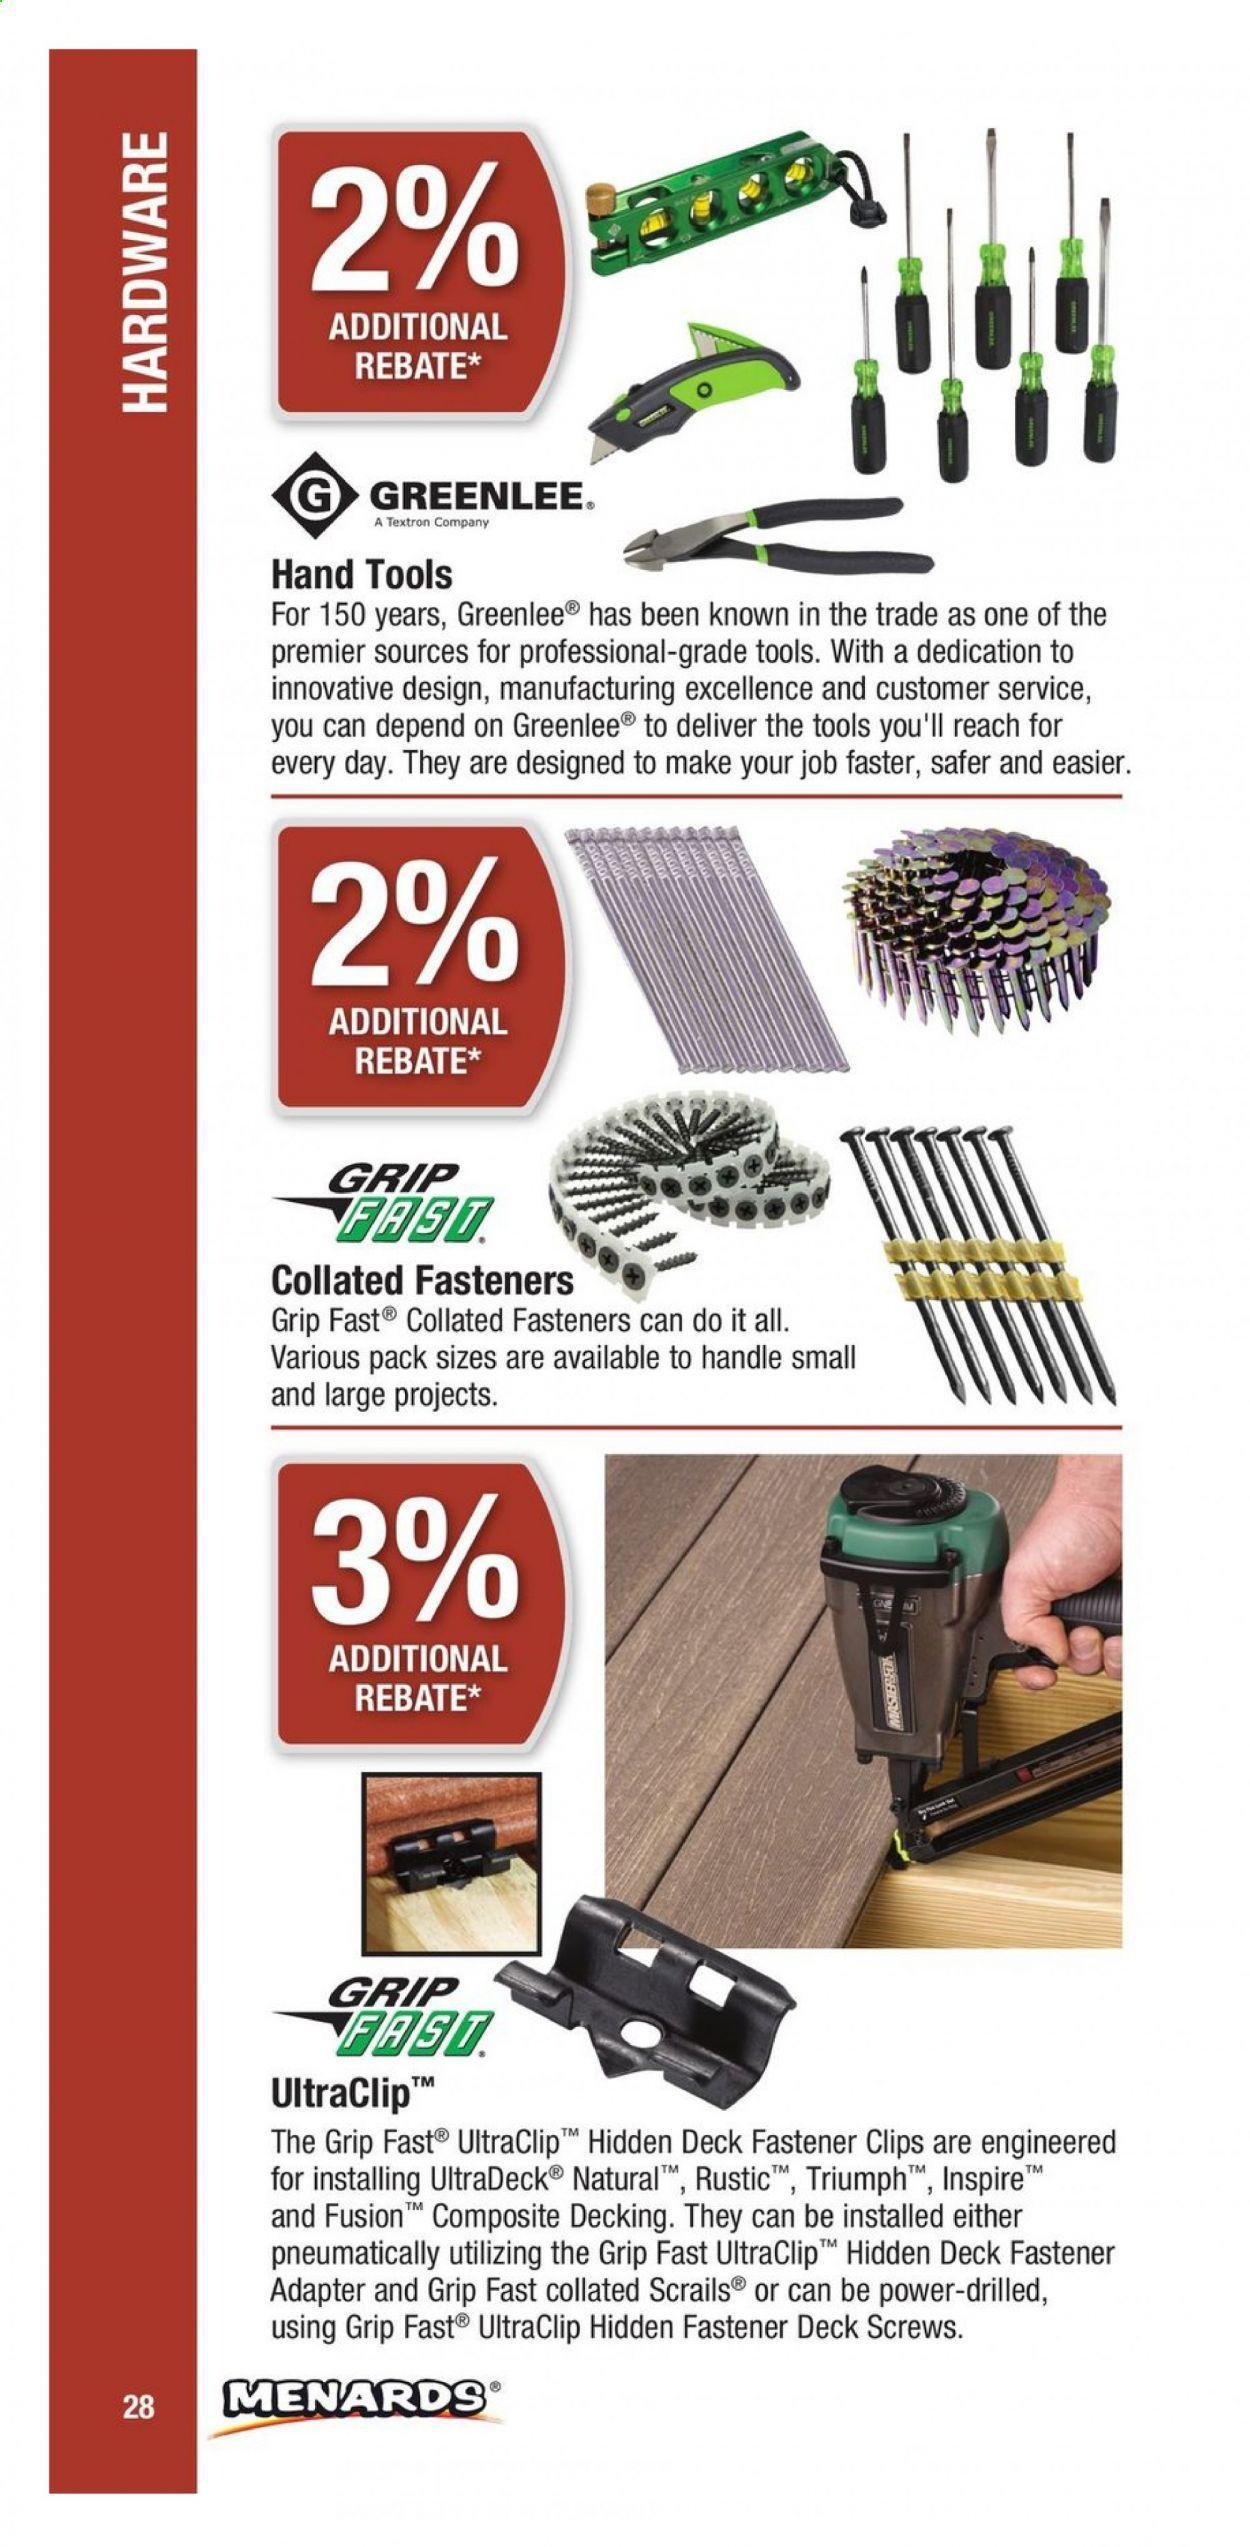 Menards Contractor Rebate Program 2021 - Page 28